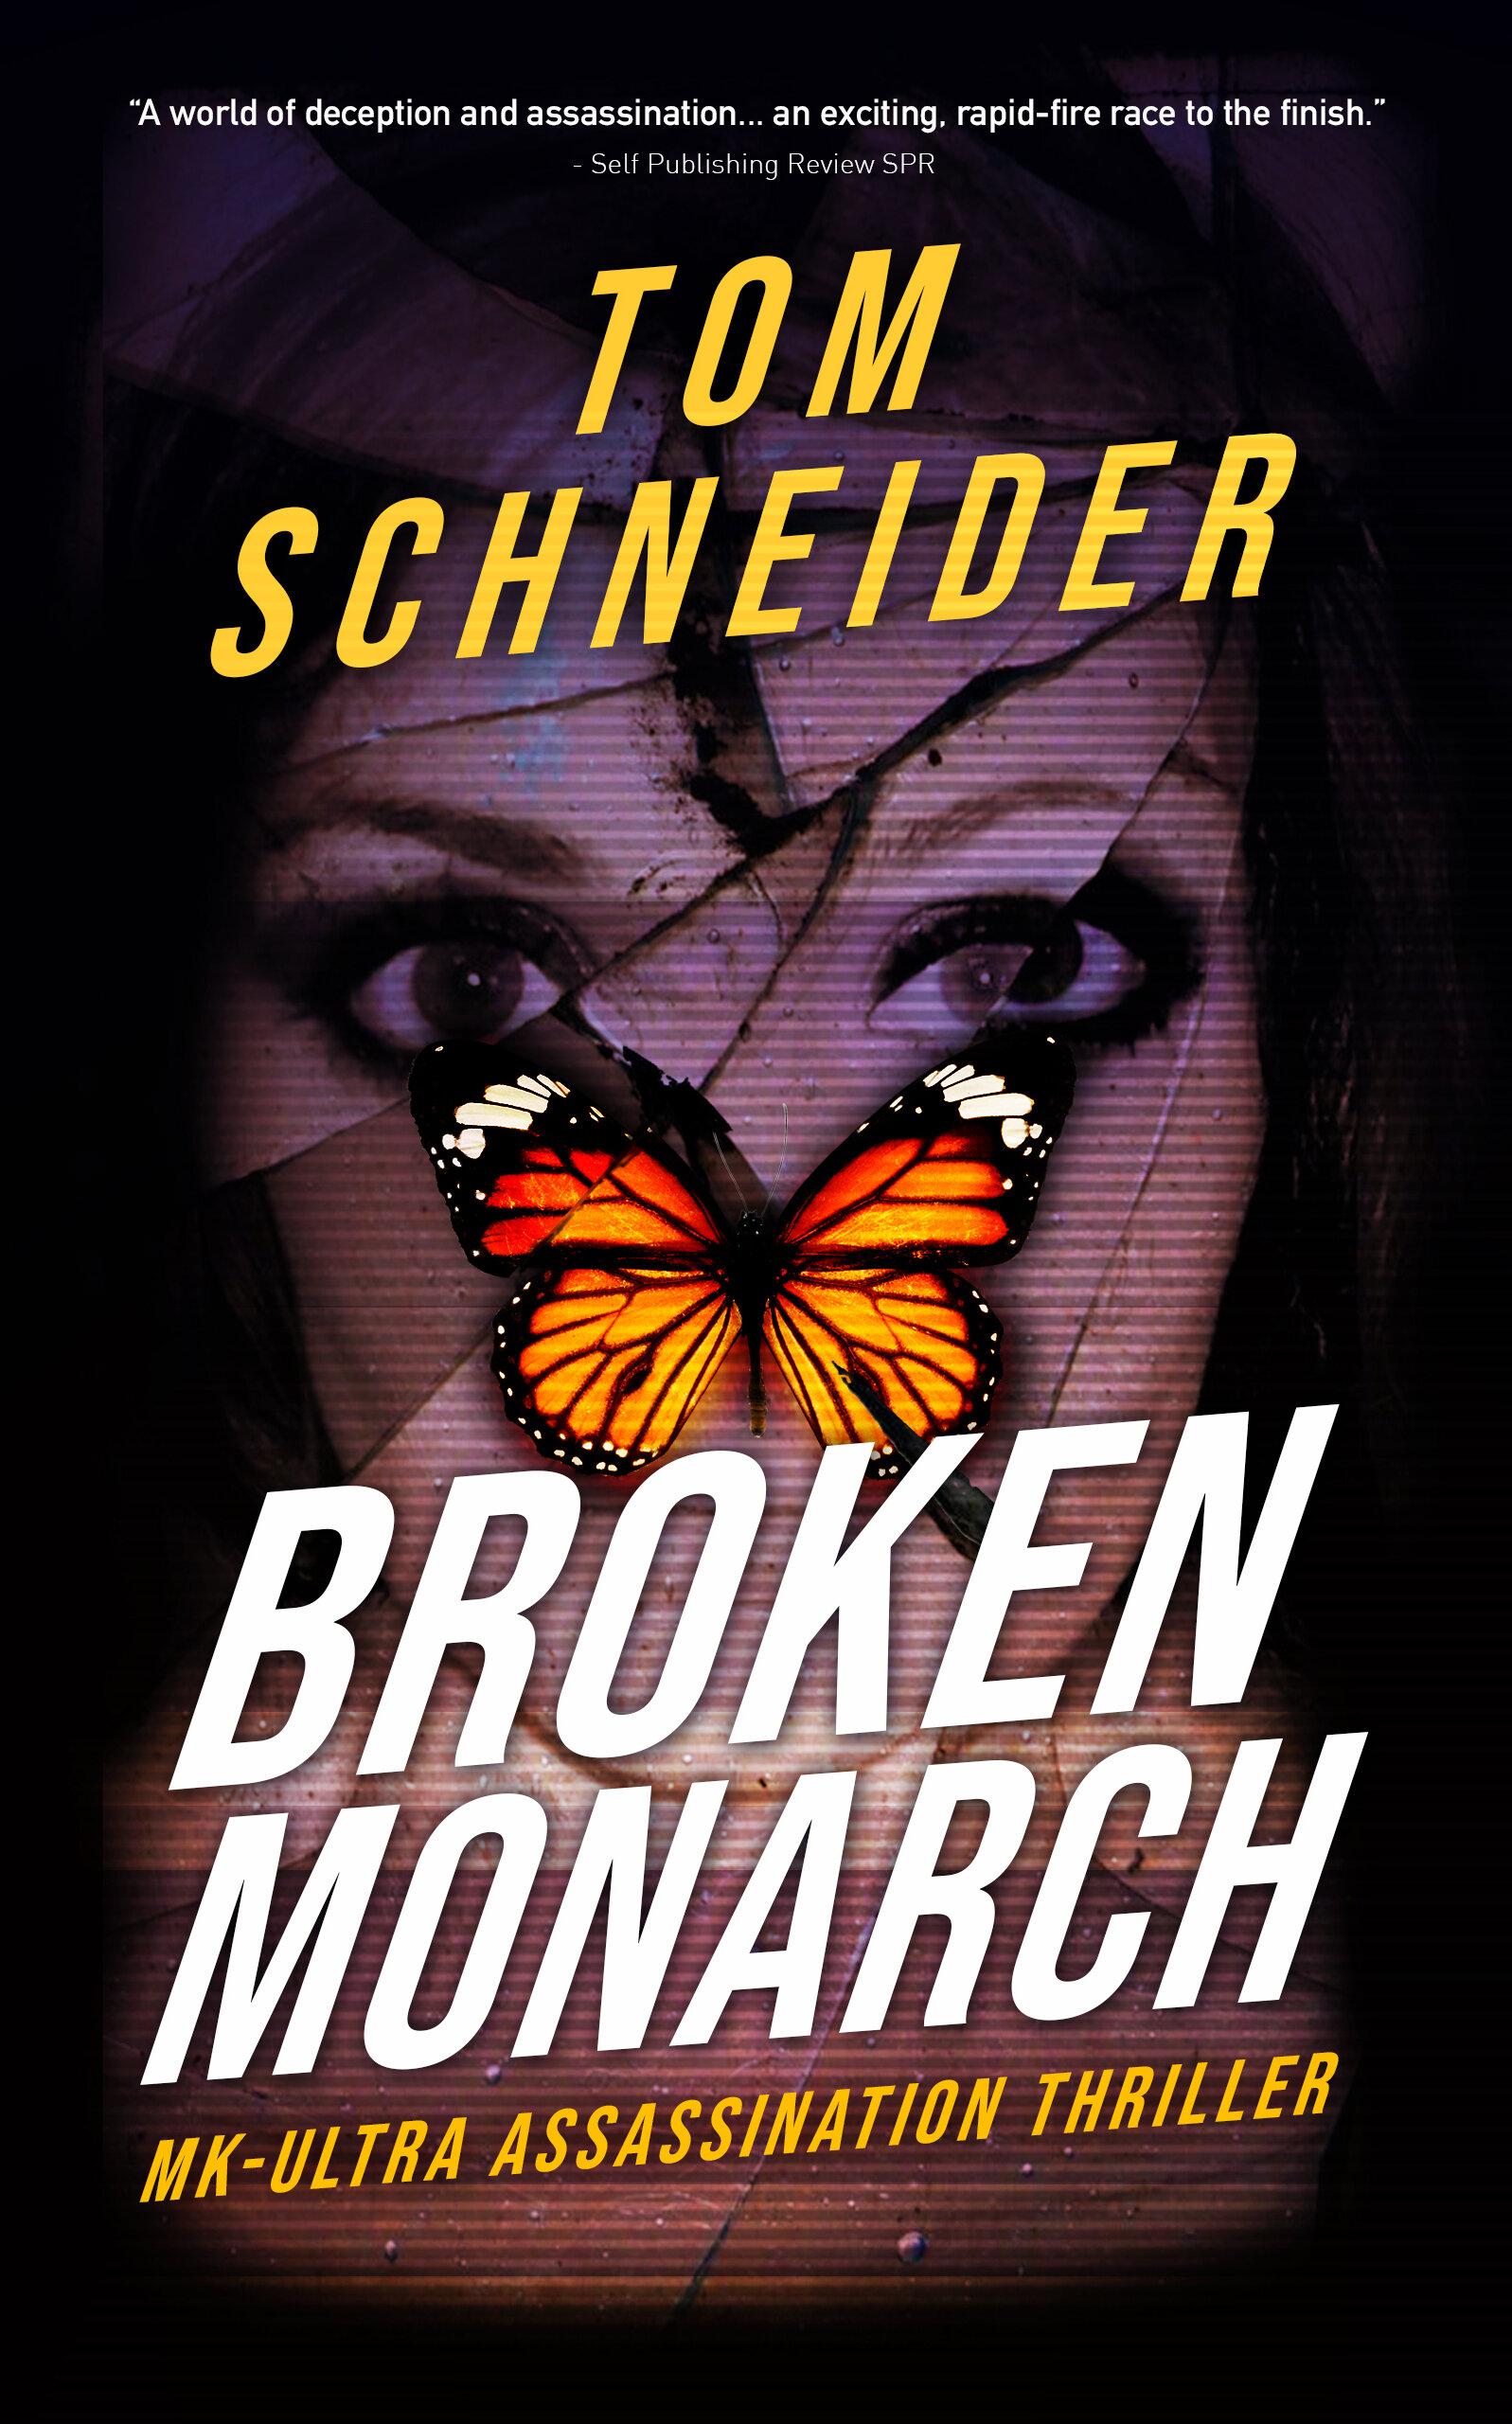 BrokenMonarch140-update.jpg